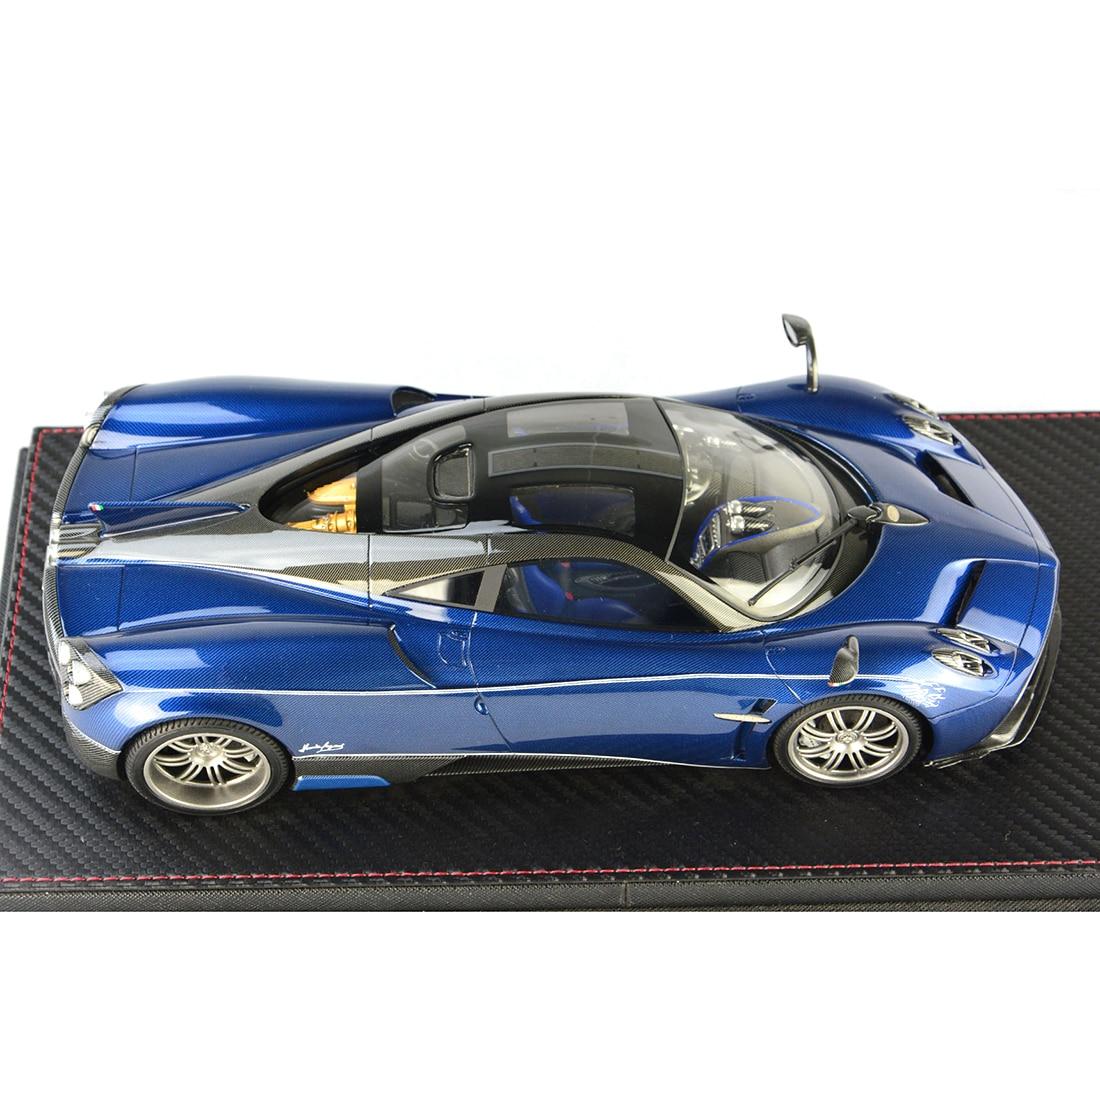 1:18 Модель автомобиля Pagani HUAYRA Модель Коллекция декор с основанием пылезащитный чехол модель обучающая игрушка синий/угольно серый/фиолетов... - 6